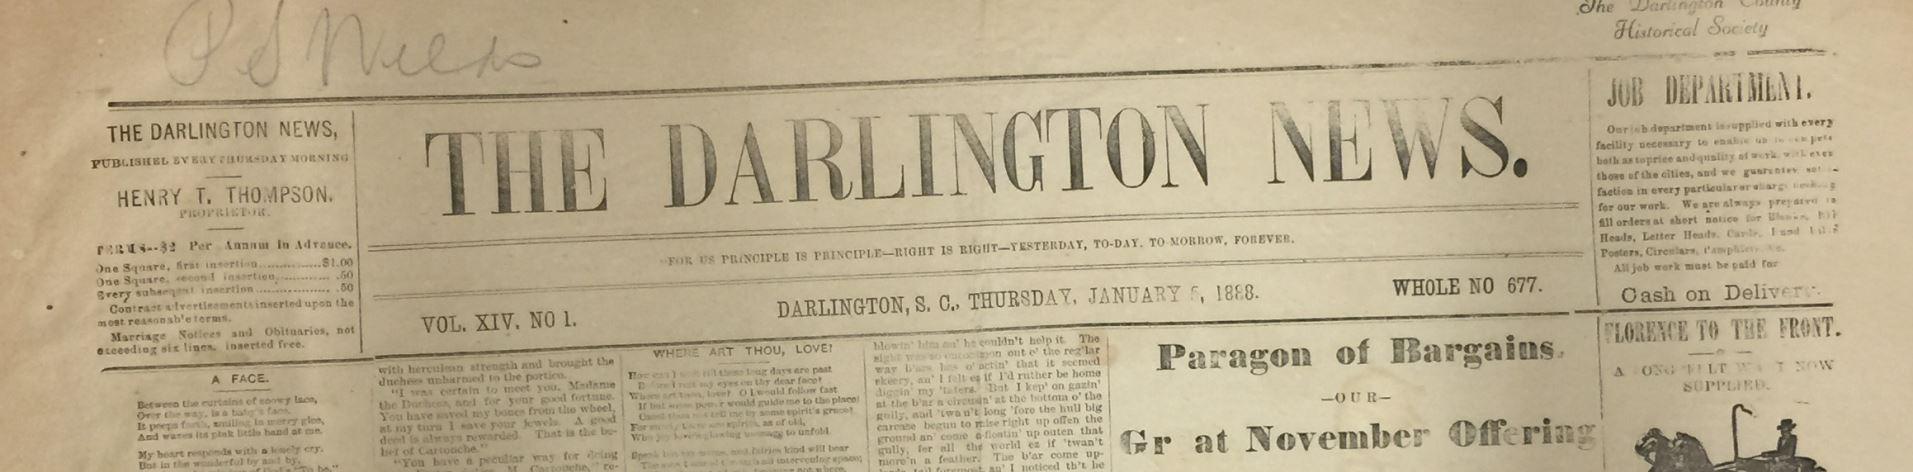 darlington news.JPG